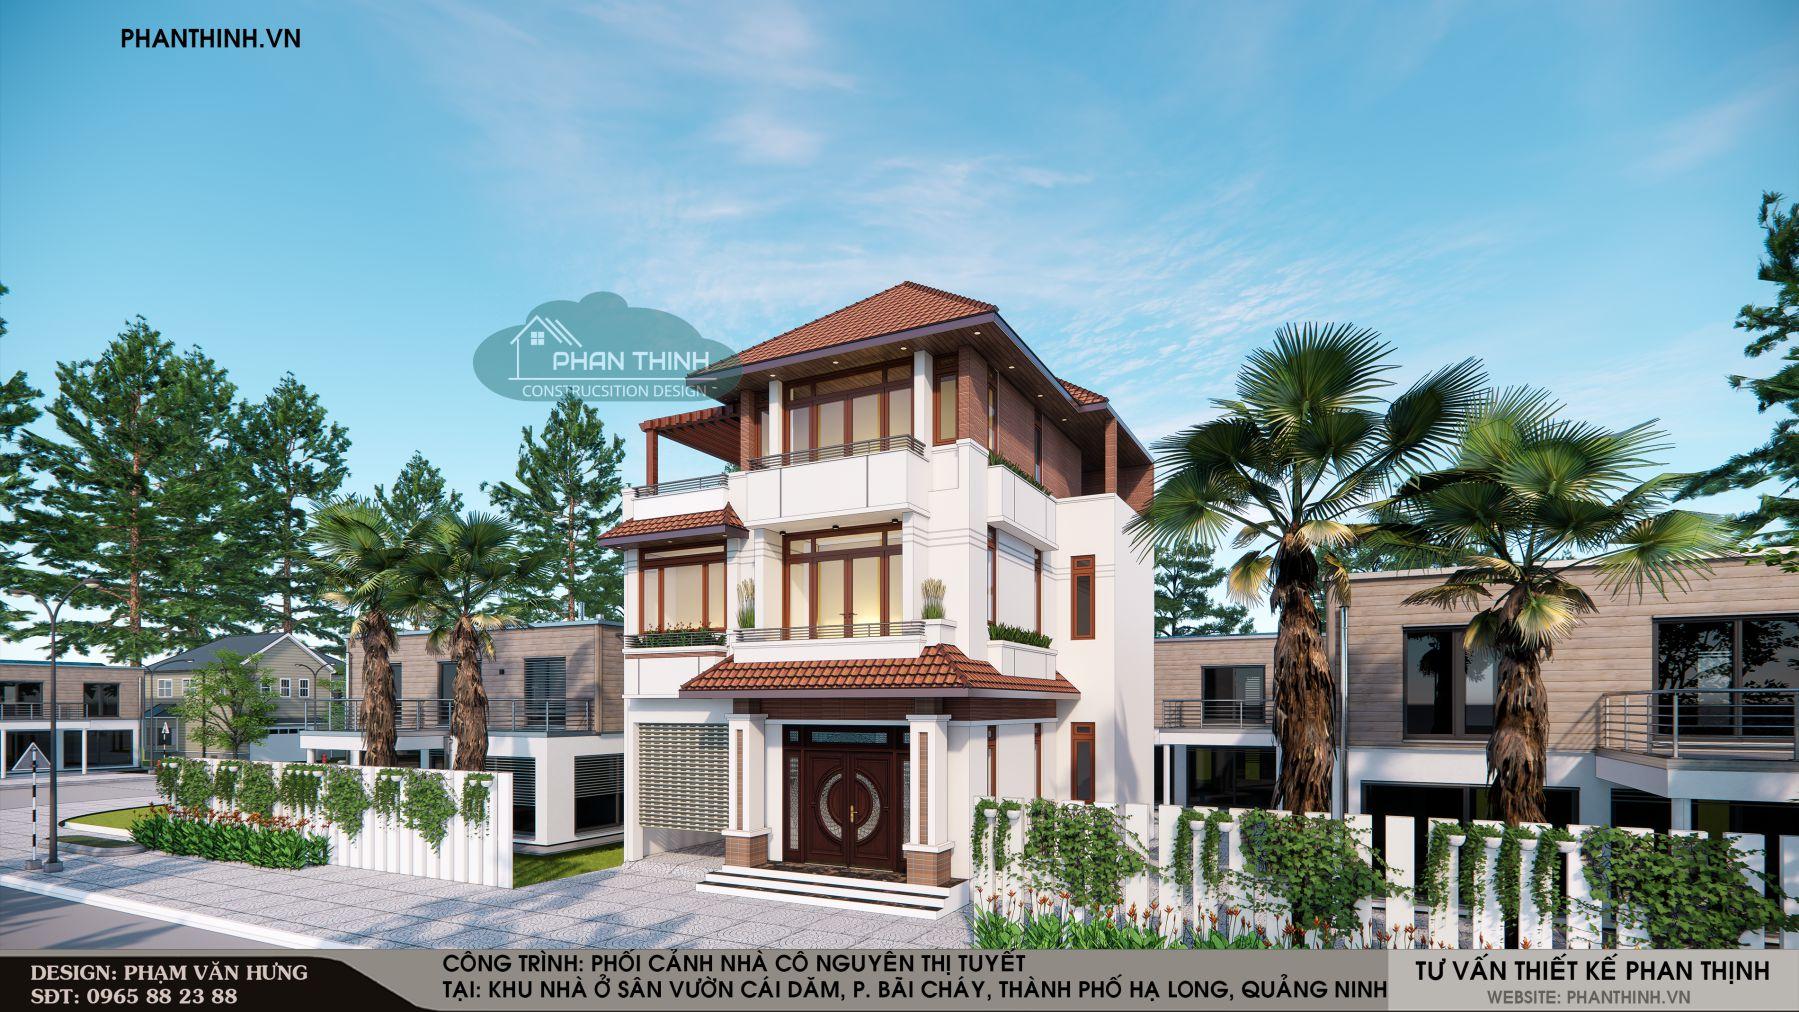 Hình ảnh phối cảnh căn biệt thự 3 tầng mái thái phong cách hiện đại